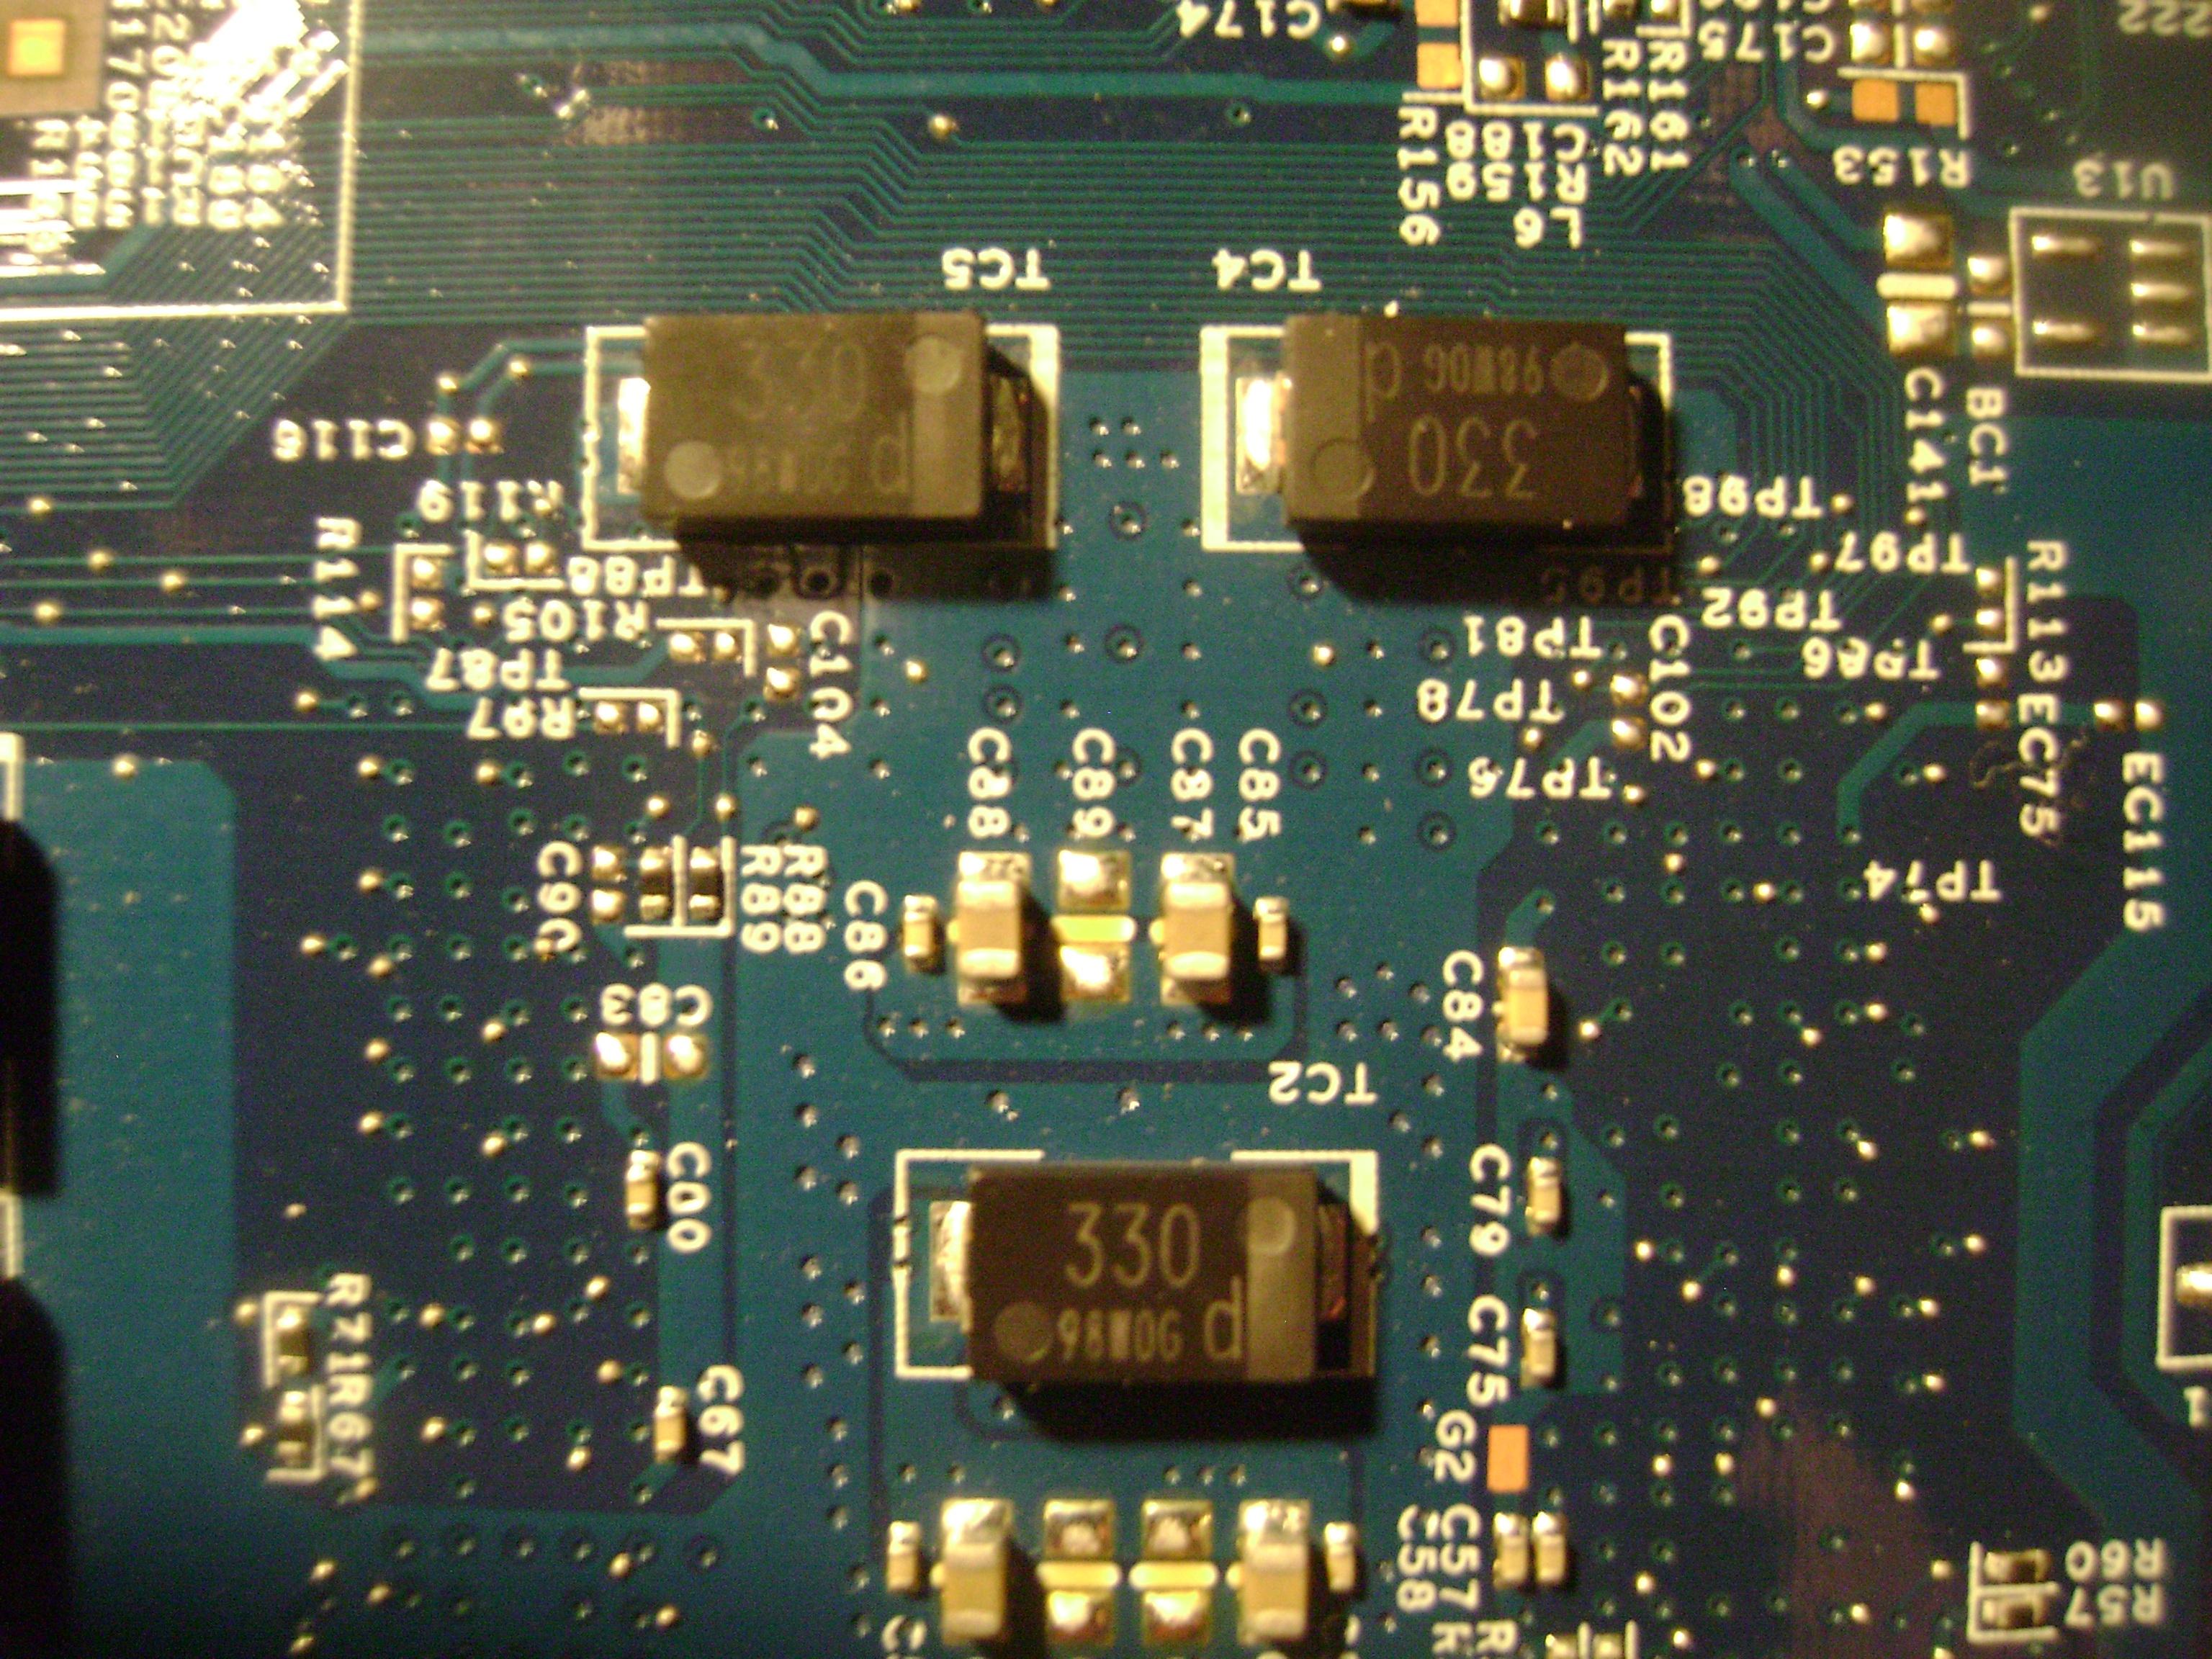 Acer Aspire 7736z Resetuje Si Forum Elvikom Wiring Diagram Nie Za Bardzo Rozumiem Co Kolega Pisze Ale Jeeli Chodzi O Kondensatory Ktre S Pod Procesorem Z Drugiej Strony Pyty To Wygldaj Tak